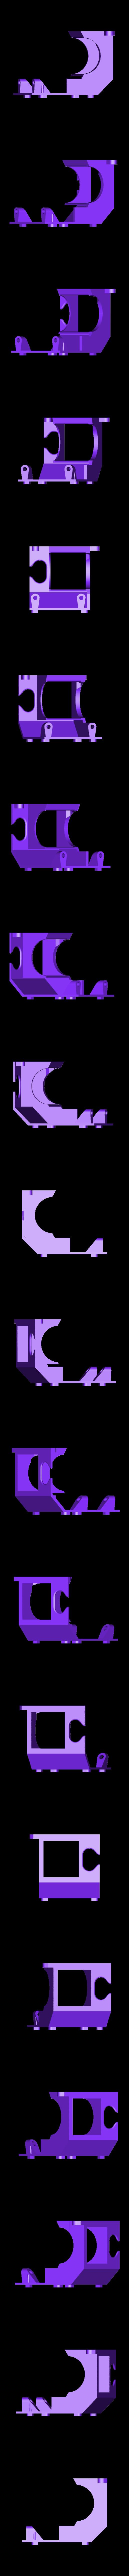 LidPart.stl Télécharger fichier STL gratuit Ender 3 clone BMG V6 avec des fans de créalité • Design à imprimer en 3D, nightmare670